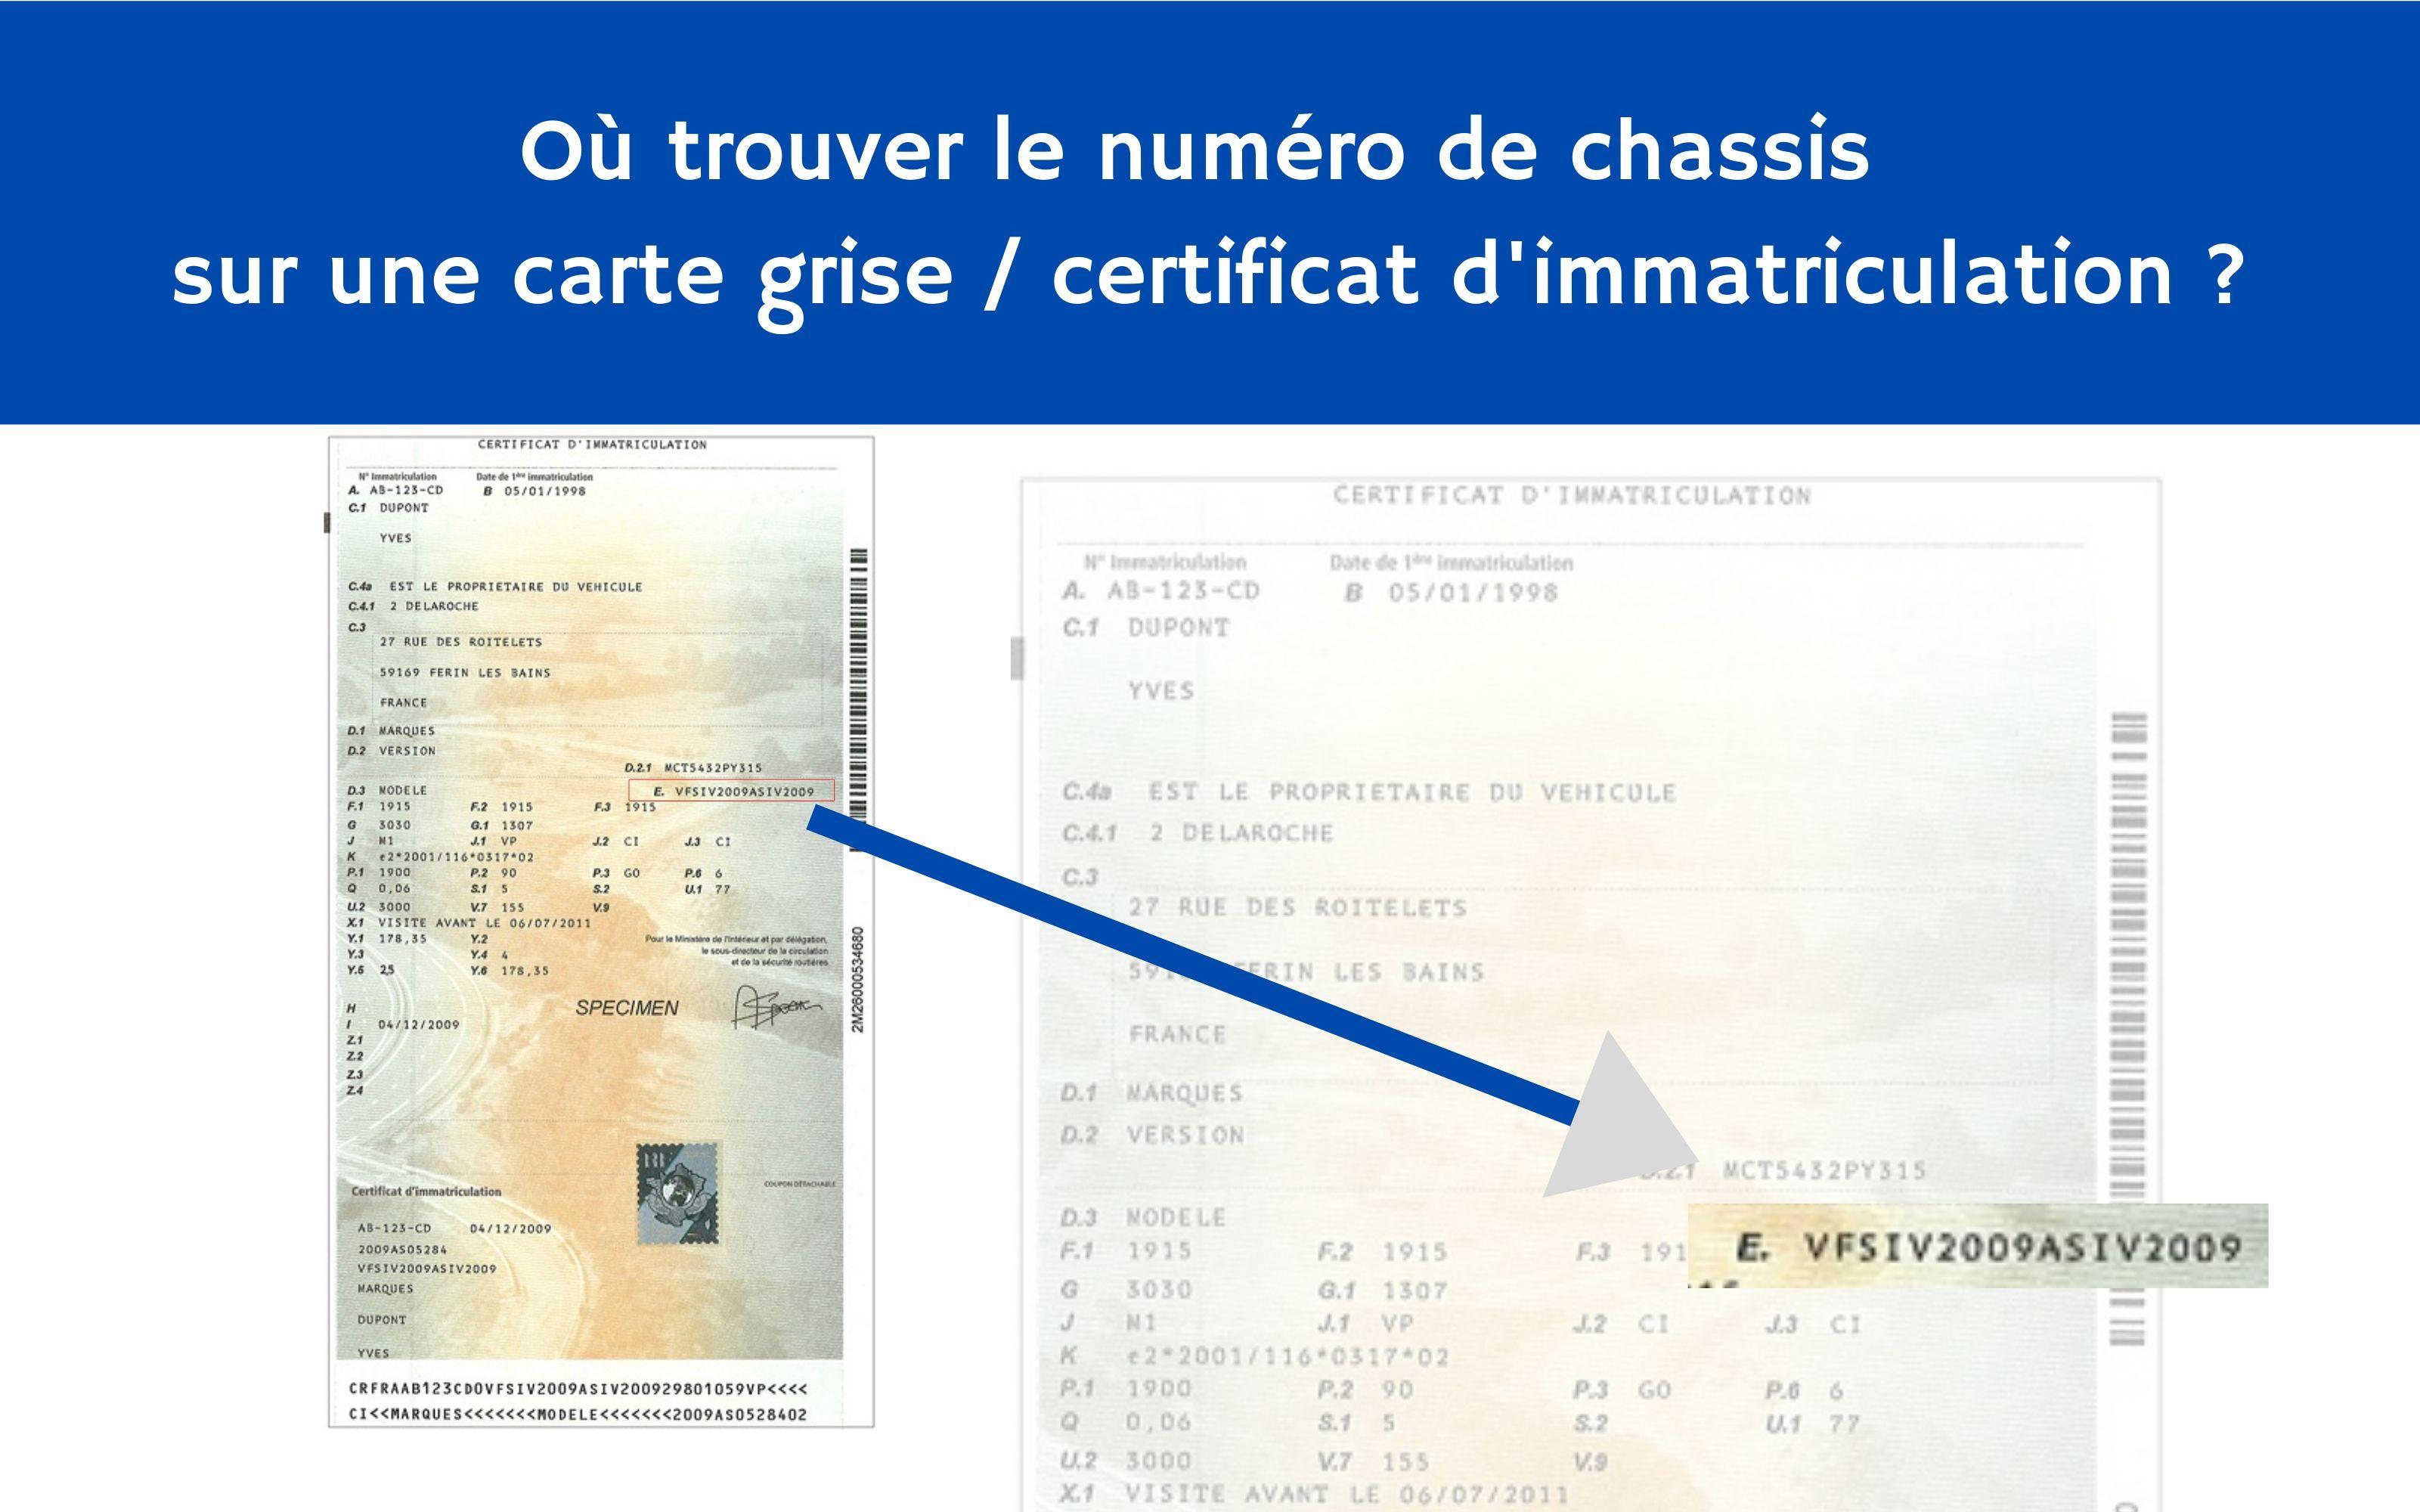 où trouver le numéro de chassis sur une carte grise / certificat d'immatriculation